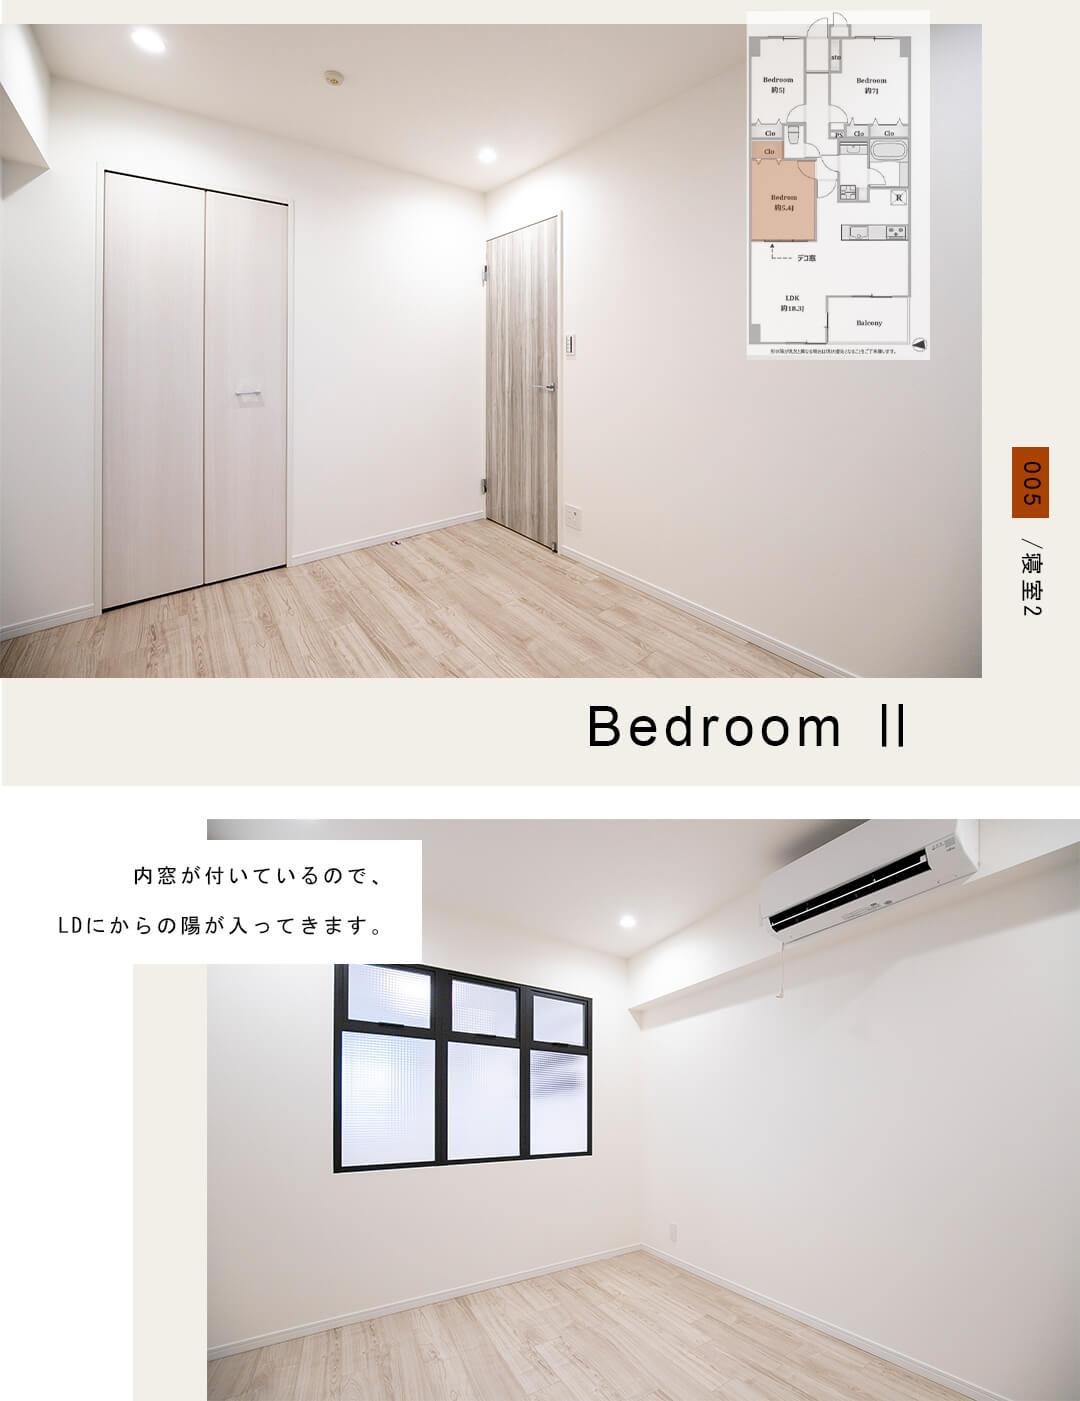 005寝室2,Bedroom Ⅱ